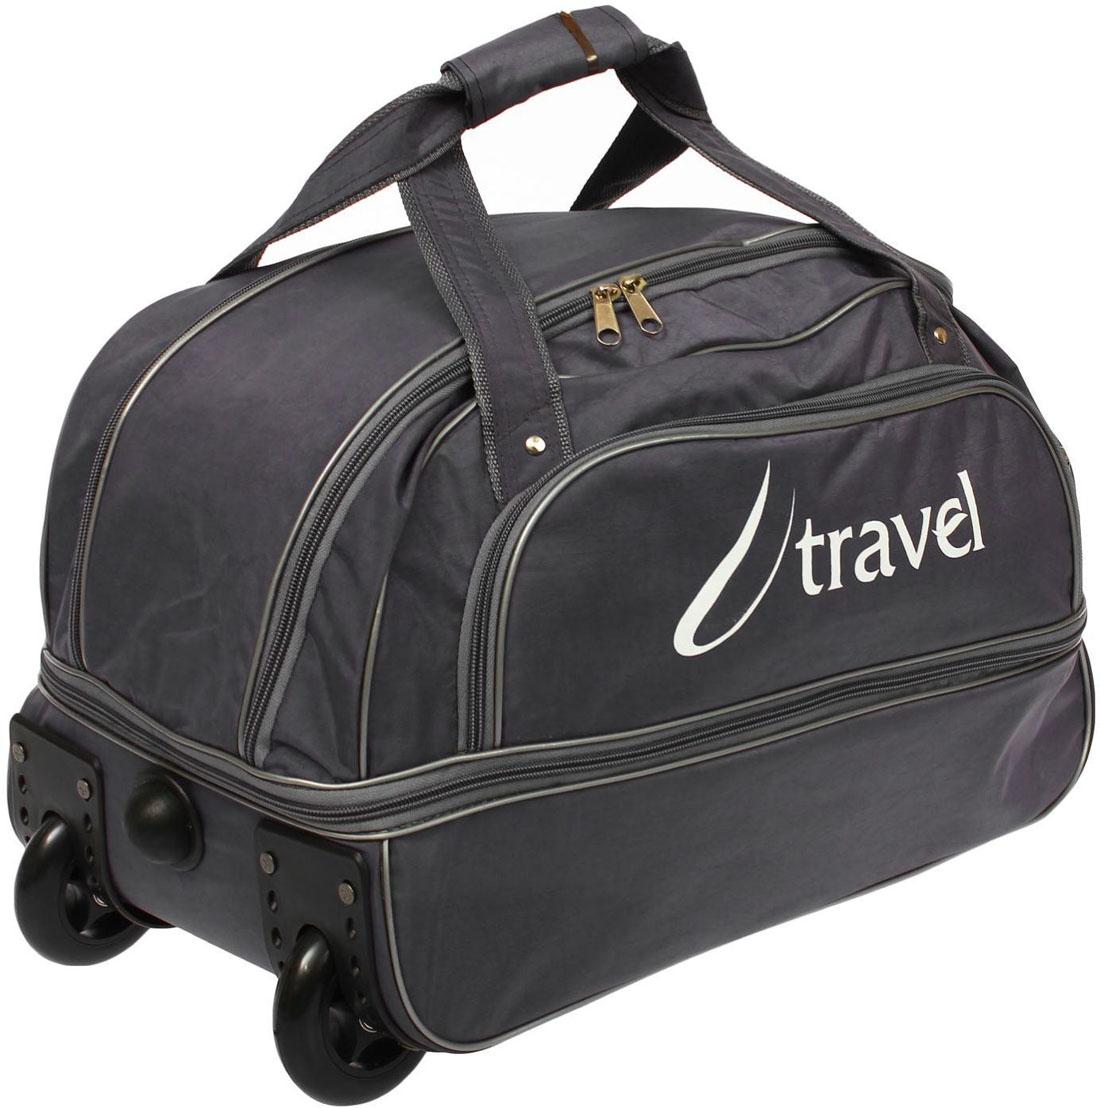 Сумка дорожная AMeN, цвет: черный. 16960351696035Прочная дорожная сумка AMeN на двух колесах пригодится как в путешествии, так и в деловых поездках. Она позволяет взять с собой все необходимое: от нижнего белья до брюк, юбок и пиджаков.Модель оснащена широкими ручками и съемным длинным ремнем для комфортной переноски. Дорожный аксессуар прослужит много лет, так как изготовлен из прочного текстиля, устойчивого к выцветанию.